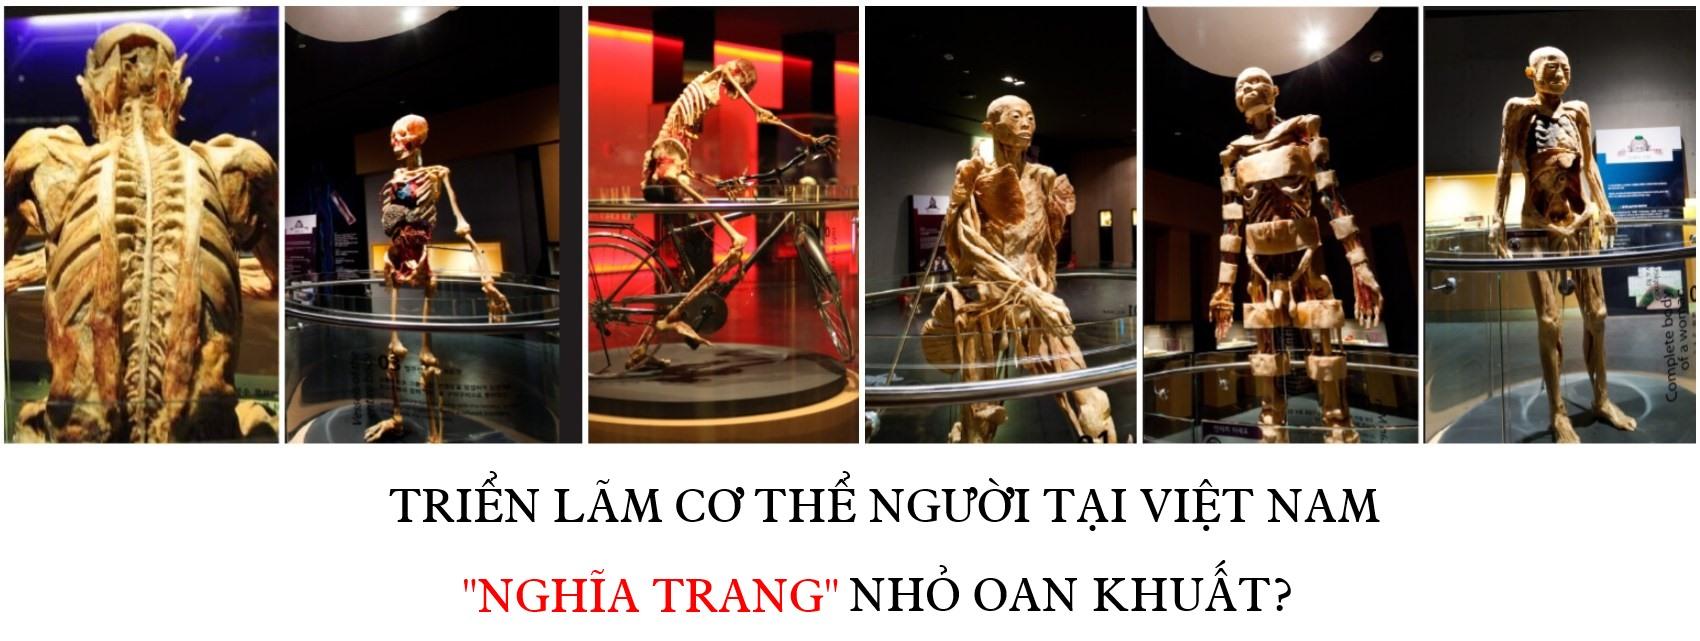 """Triển lãm cơ thể người tại Việt Nam hay """"nghĩa trang"""" nhỏ oan khuất?"""